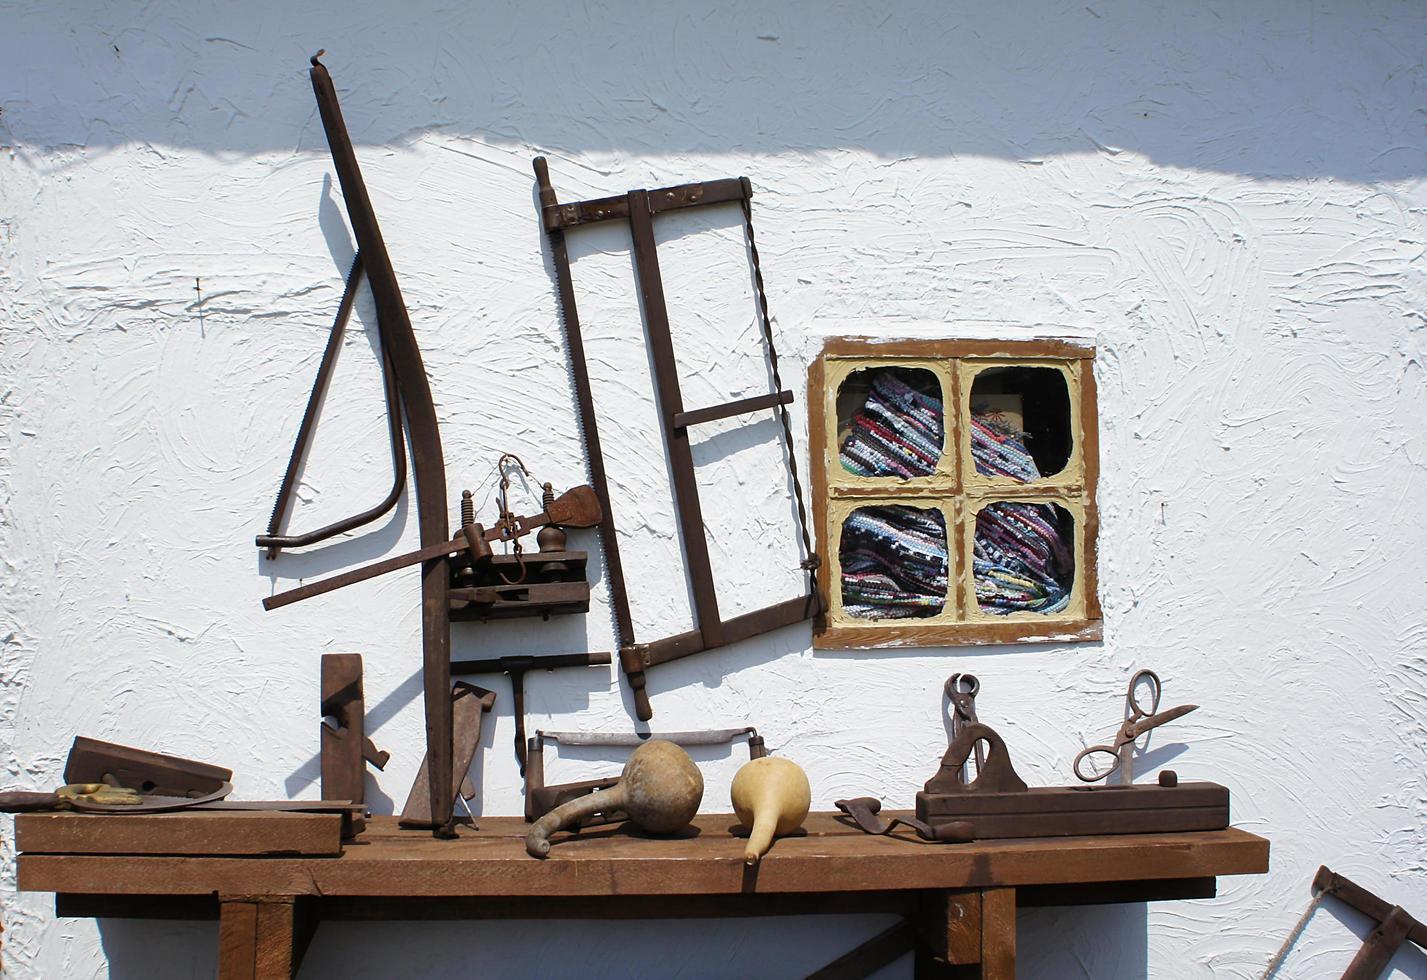 strumenti arrugginiti d'epoca su uno sfondo di muro bianco foto